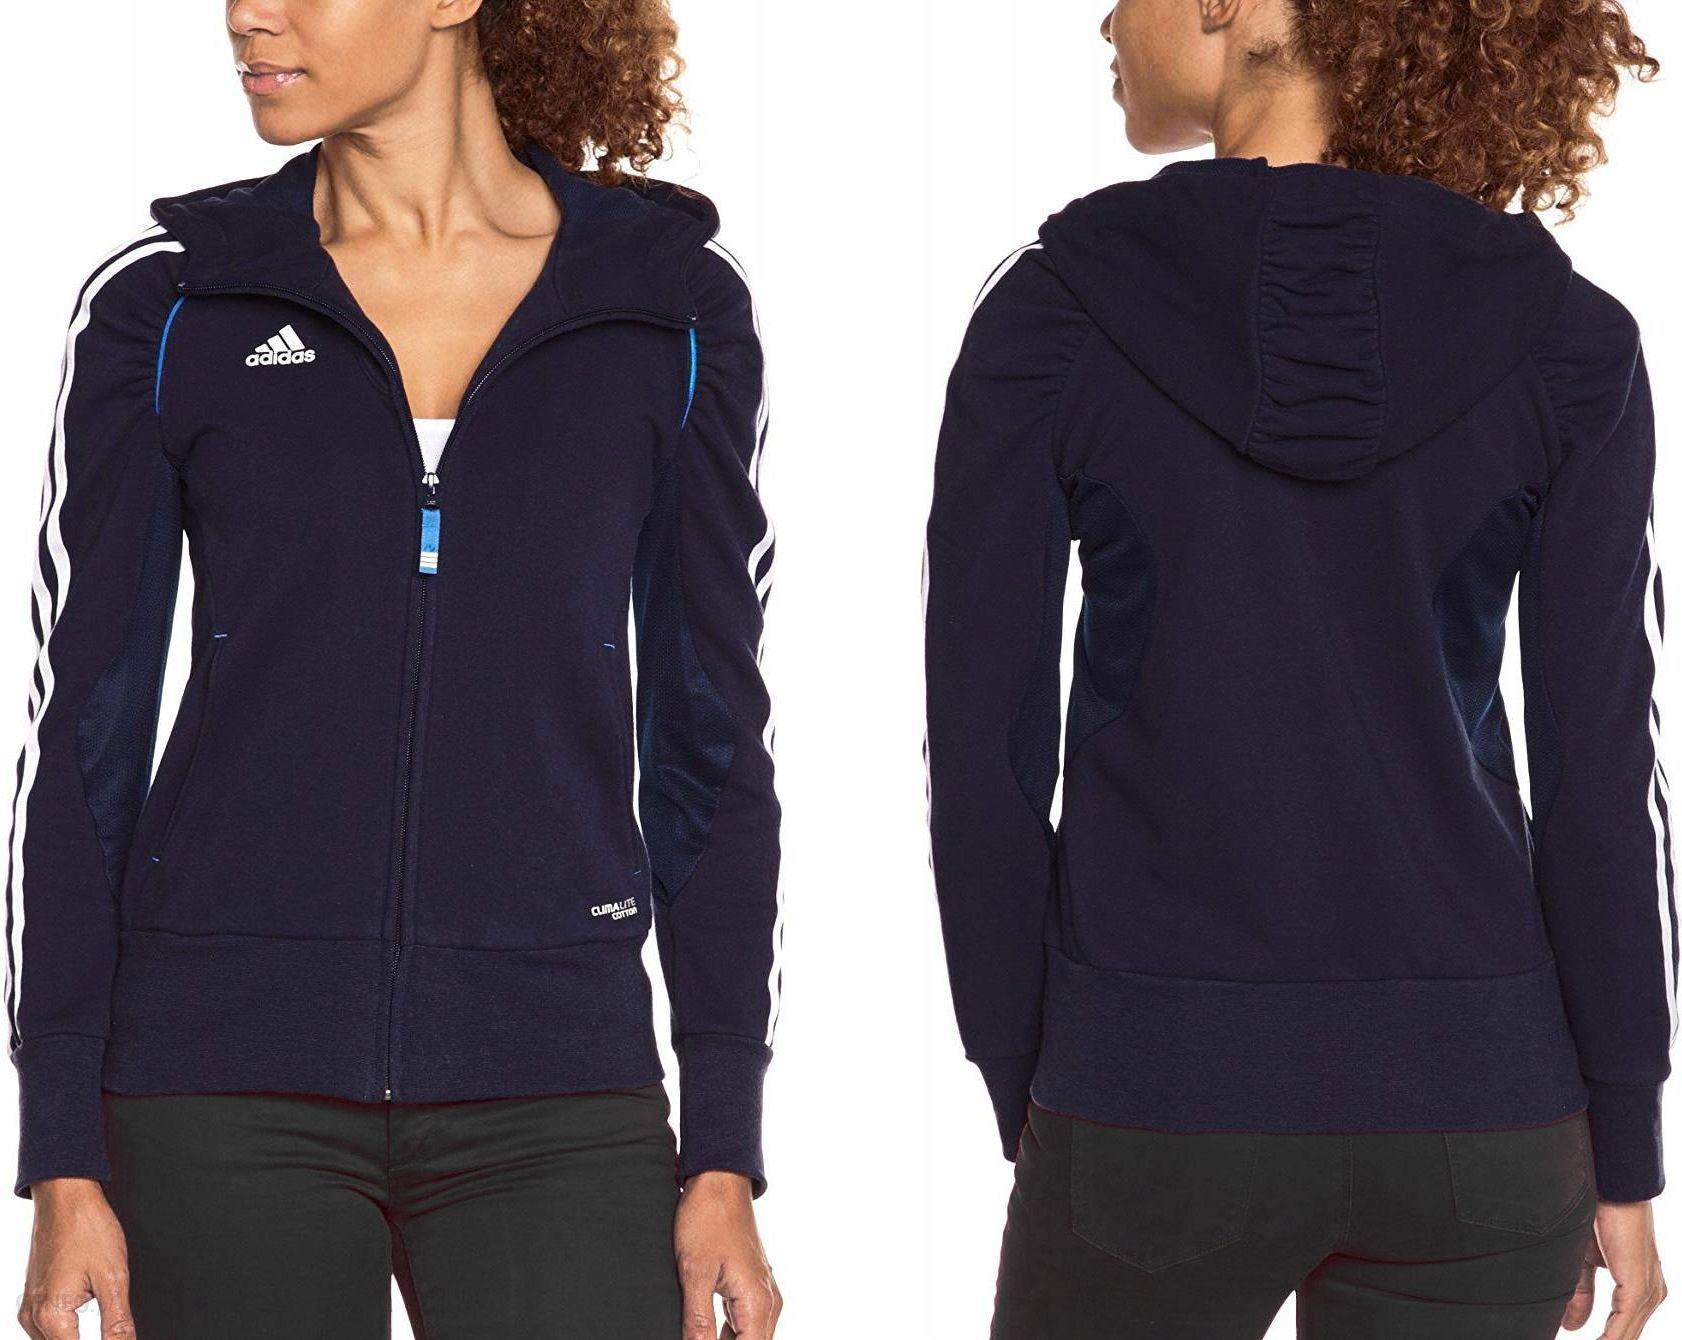 kupować nowe nowy styl życia style mody 1536 Bluza Damska Adidas Rozpinana Climalite L/XL - Ceny i opinie - Ceneo.pl